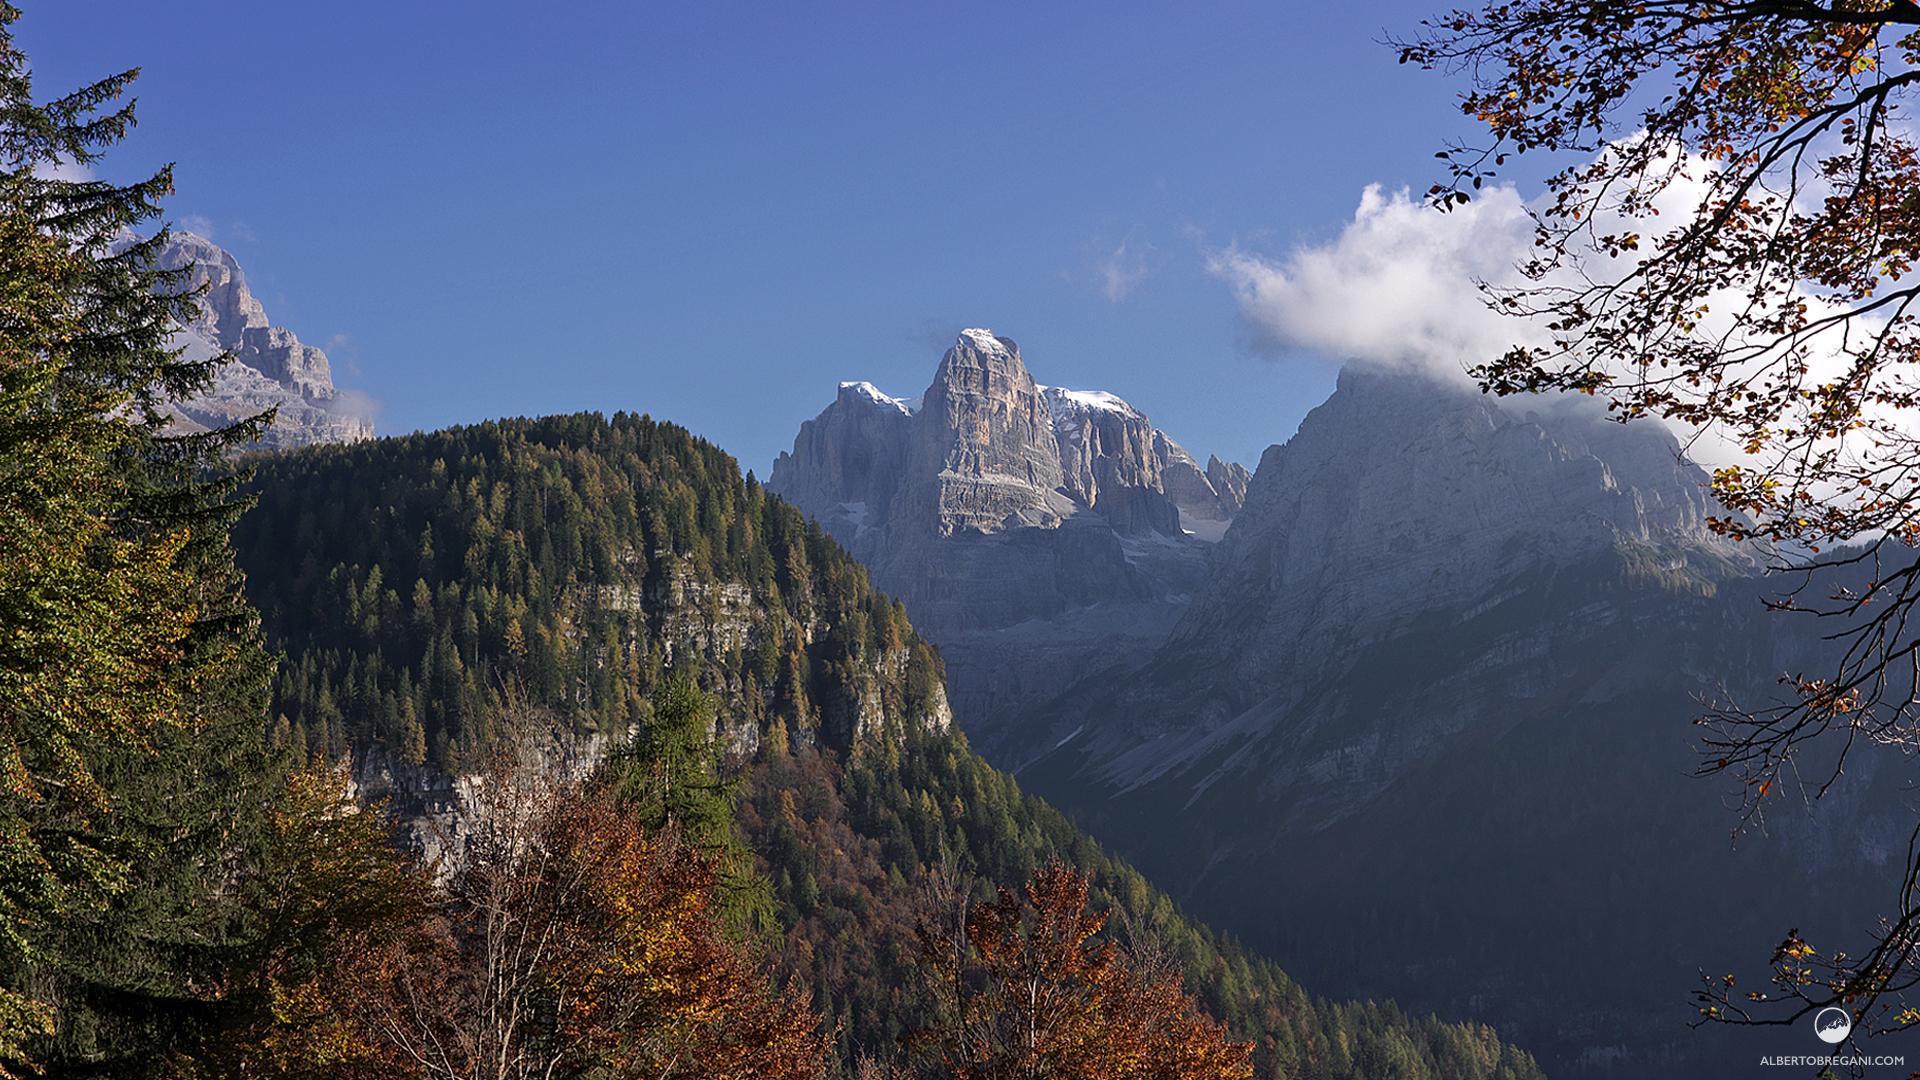 Sfondi di montagna colore alberto bregani for Sfondi desktop inverno montagna